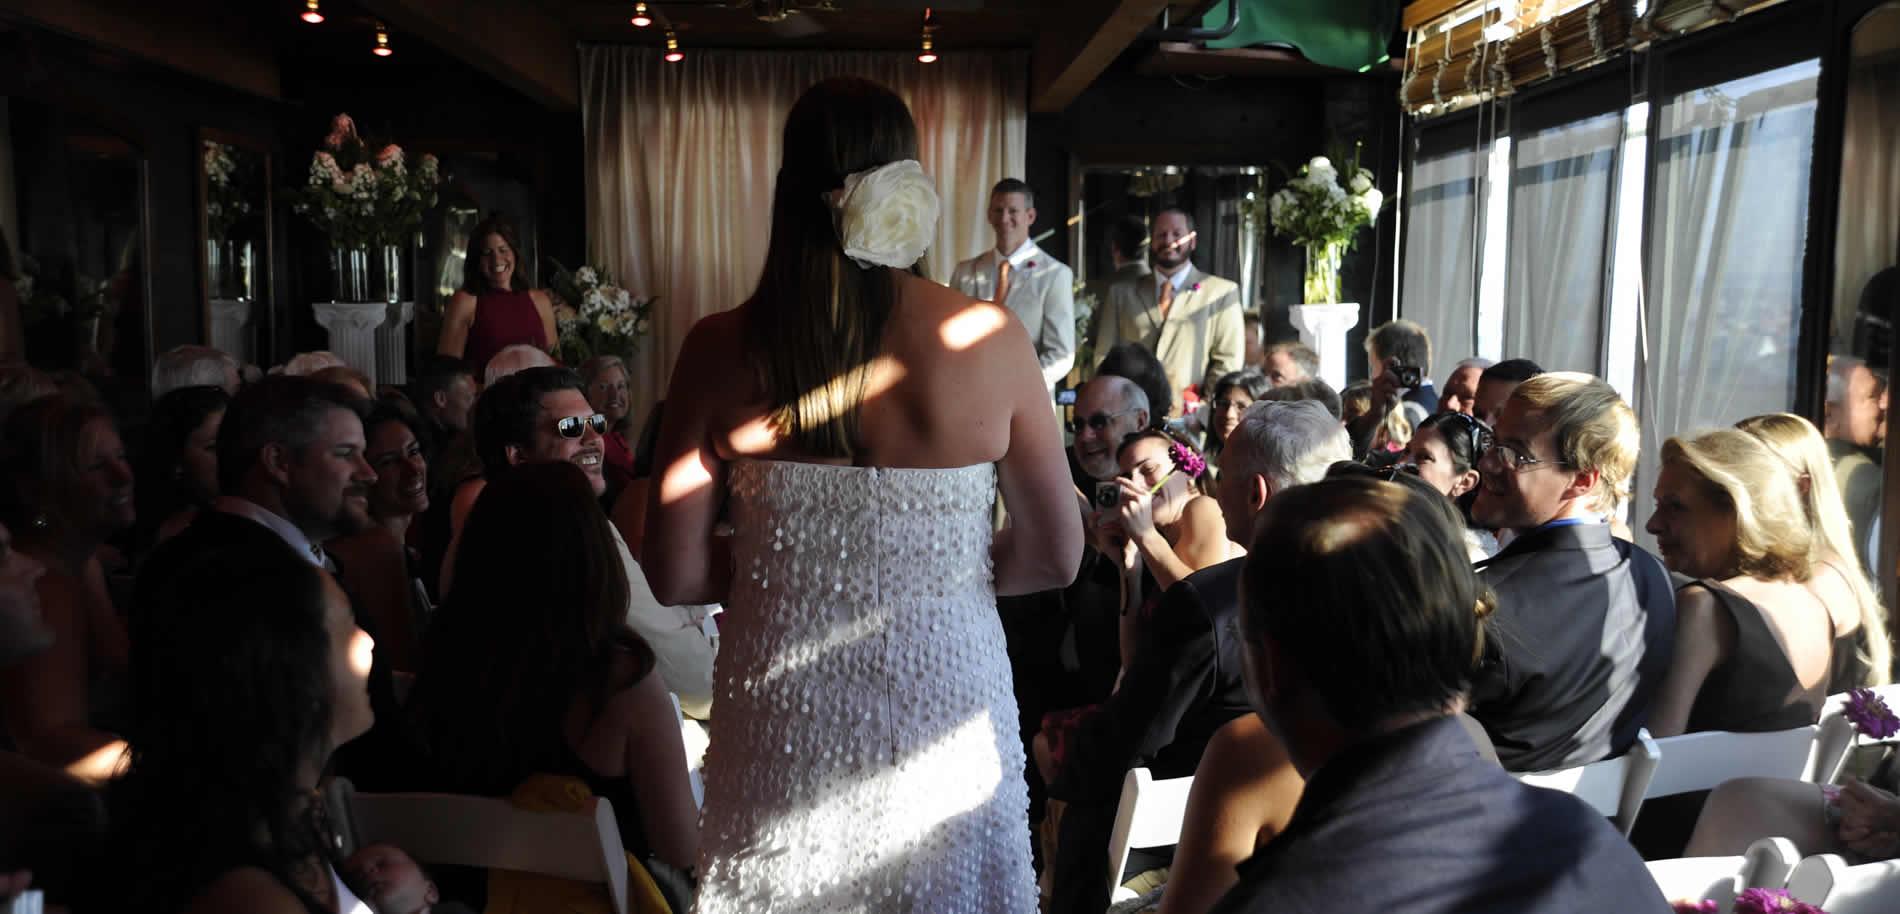 wedding@2x.jpg